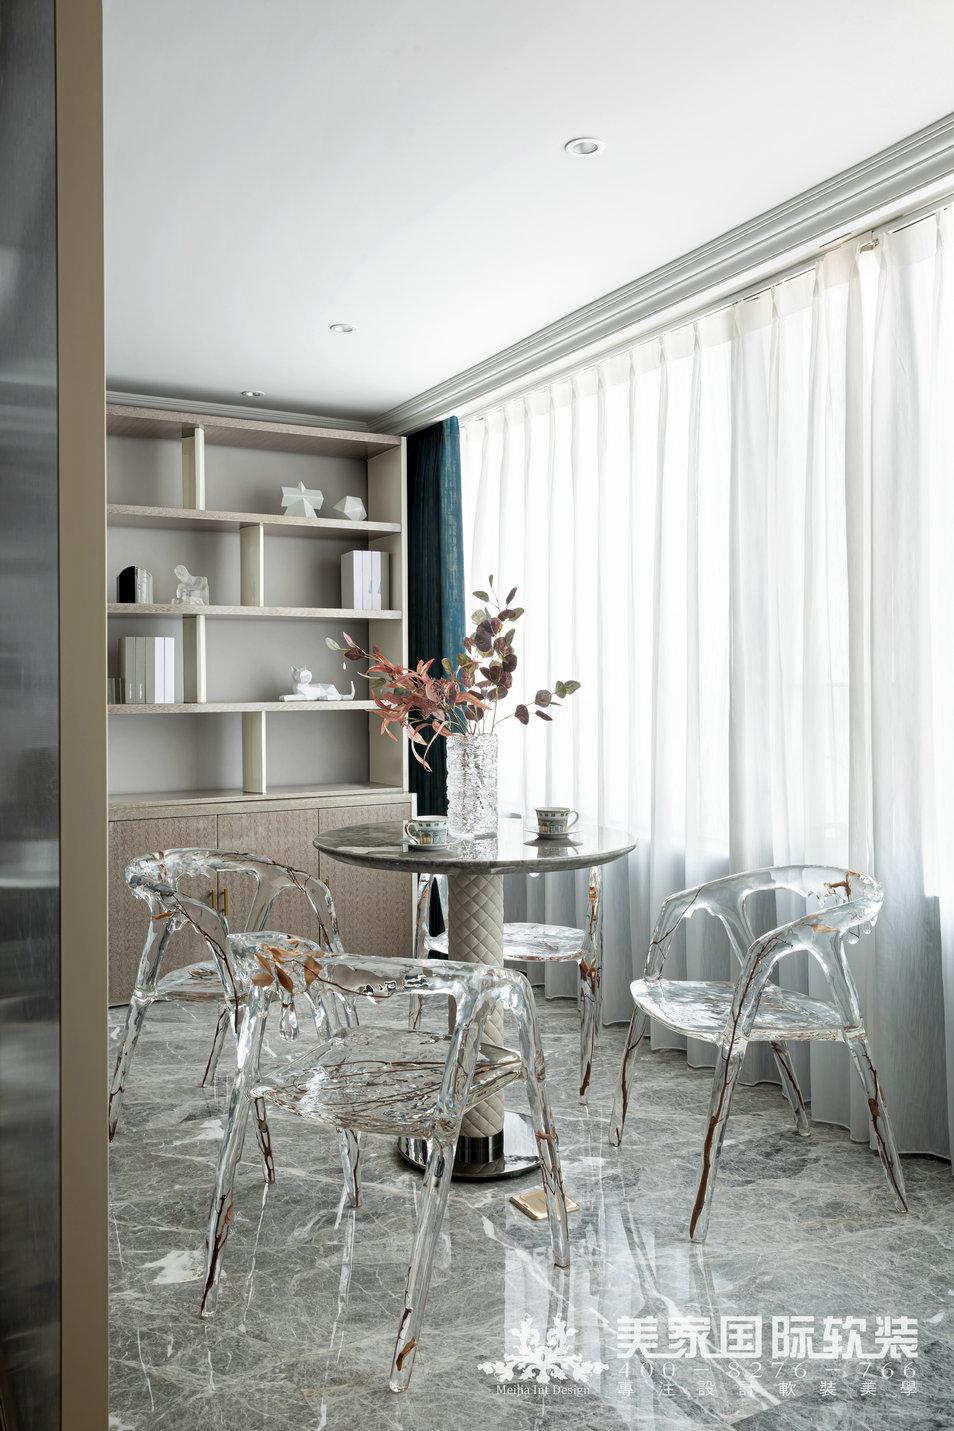 嘉潤公館軟裝設計實景案例——292㎡現代法式茶室設計實景圖